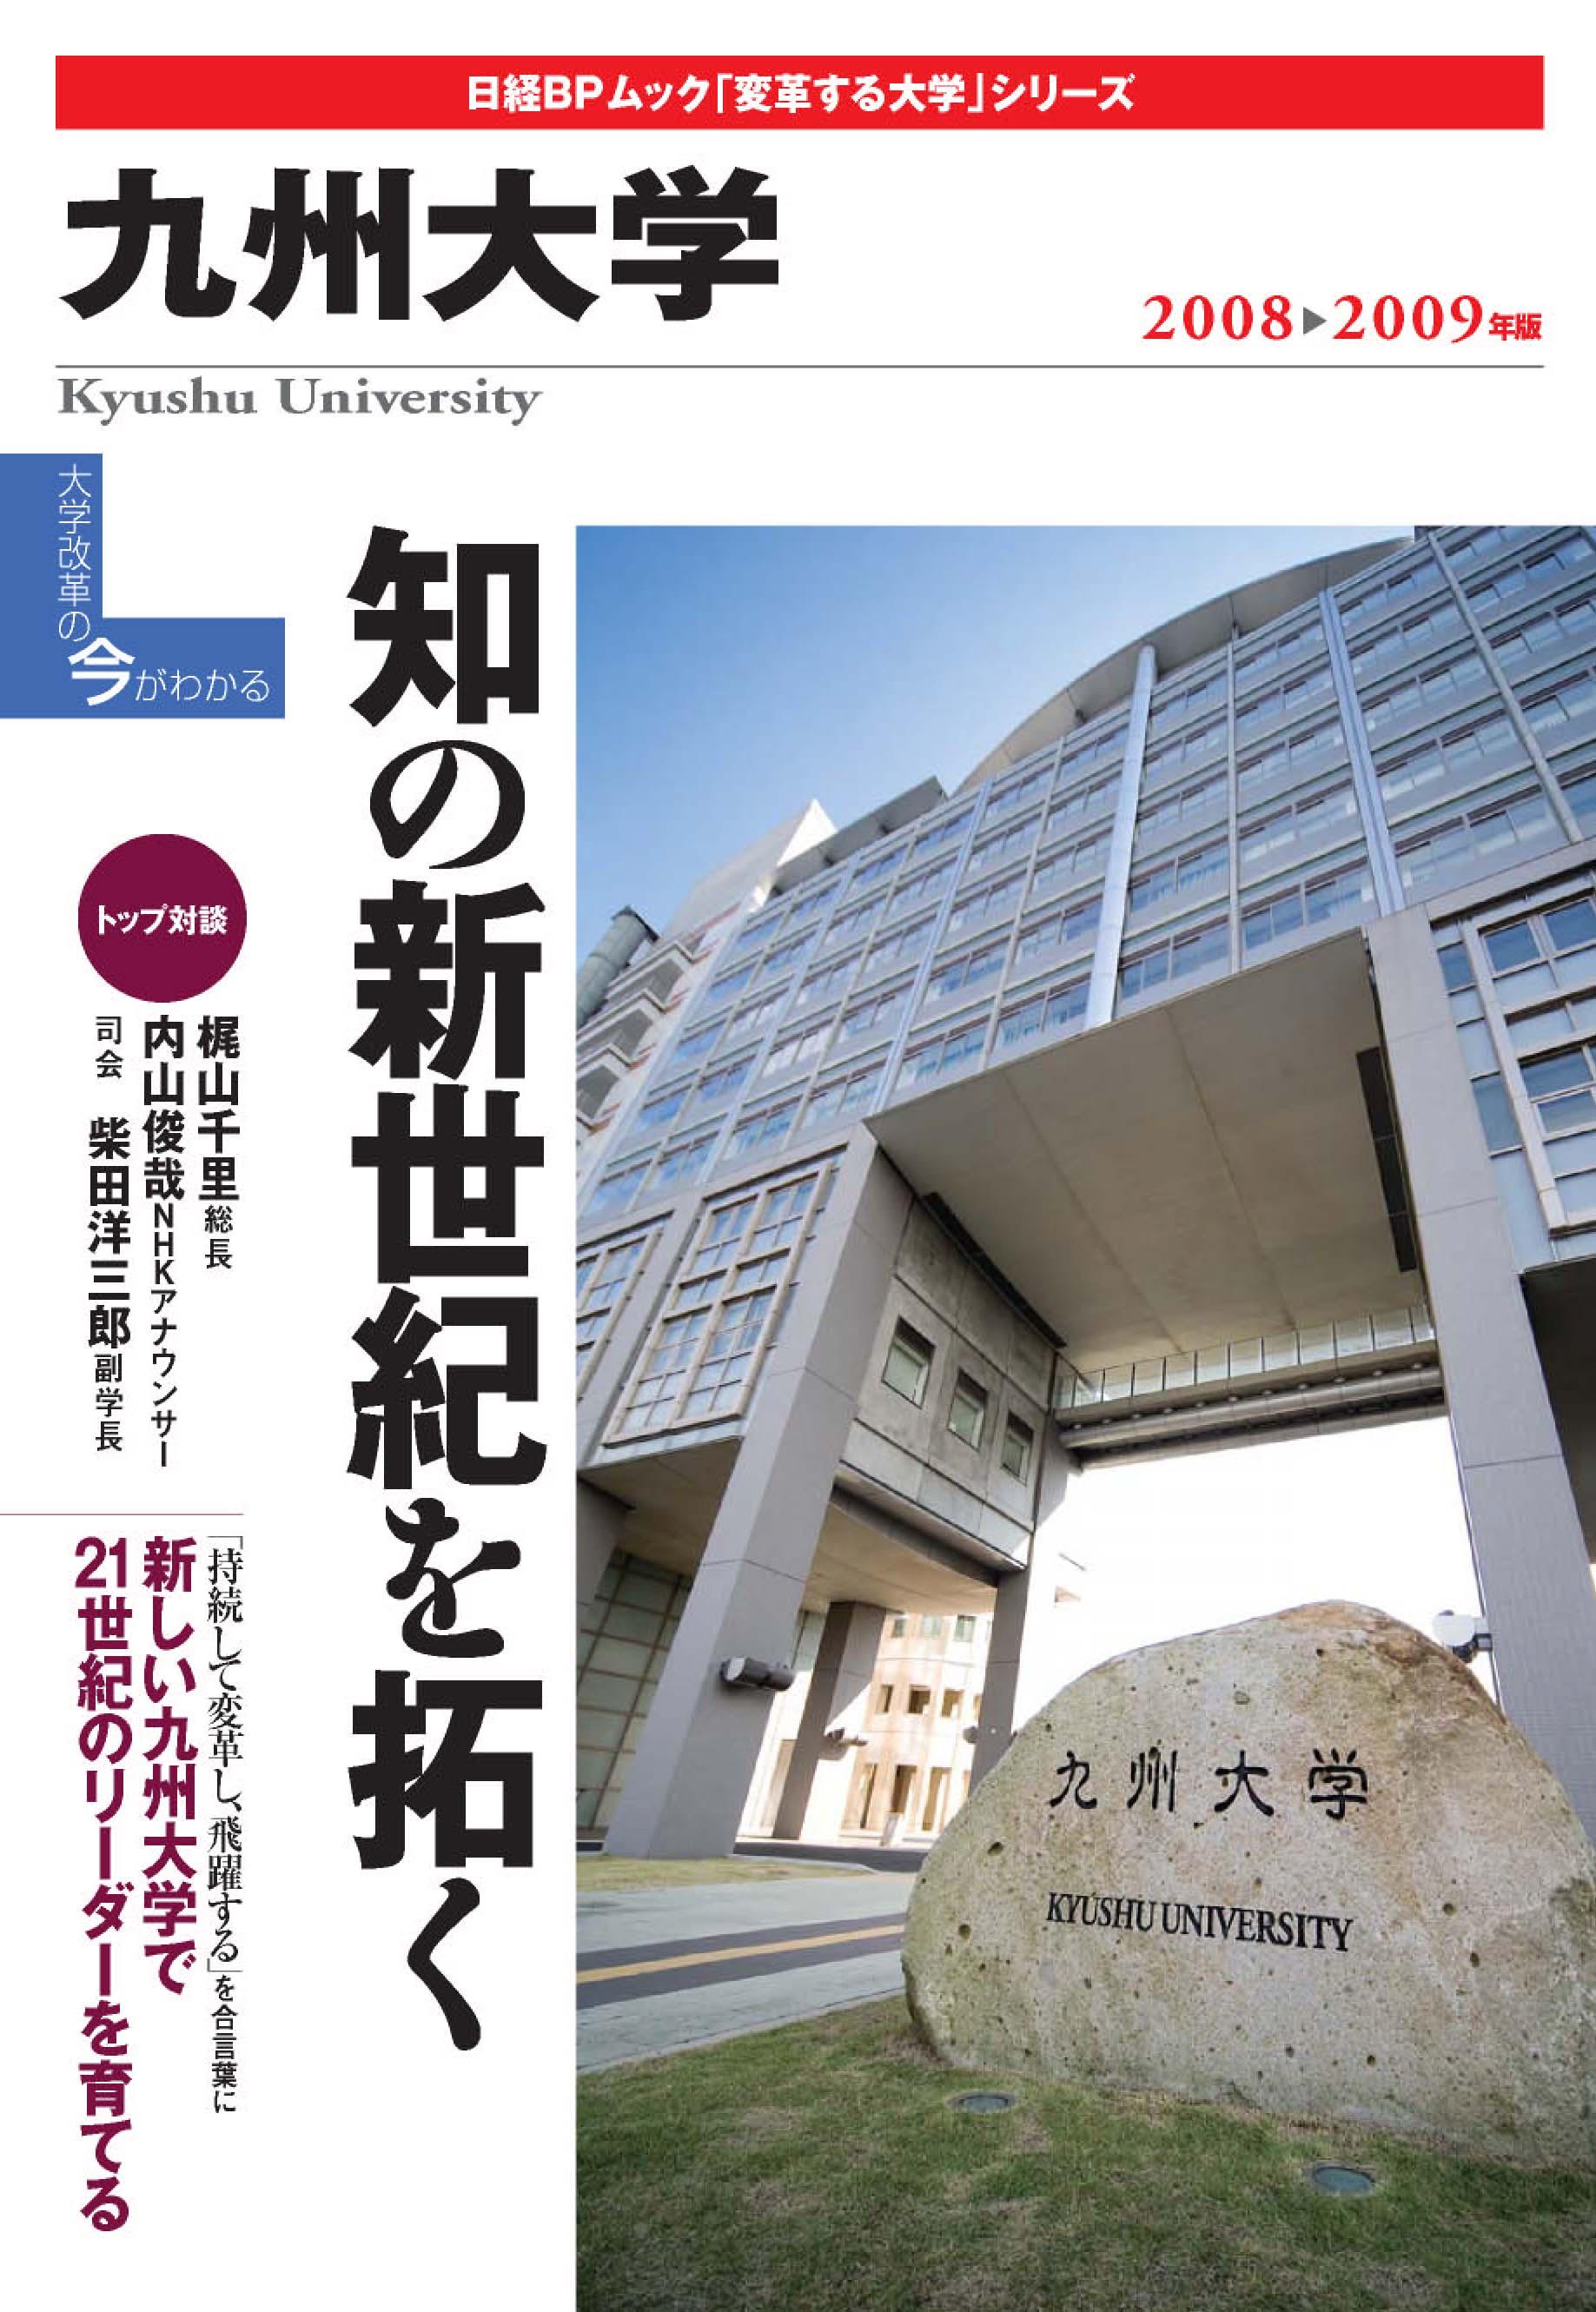 「変革する大学」九州大学2008-2009